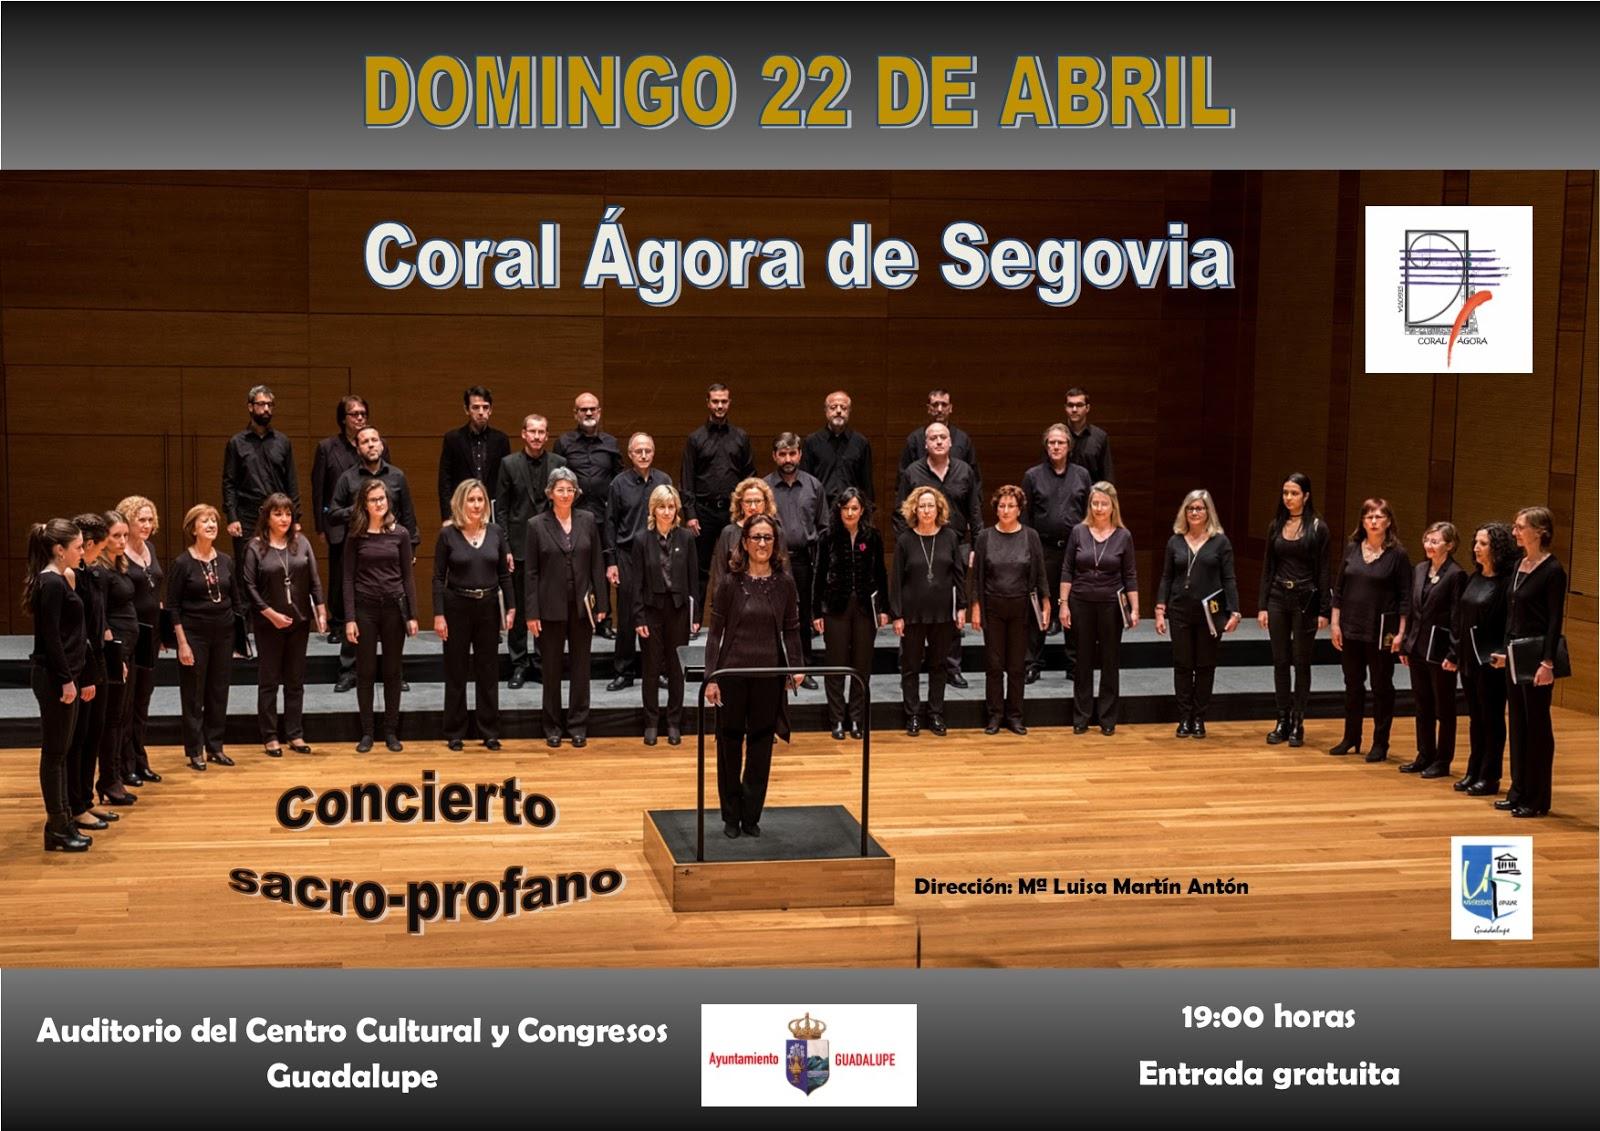 Concierto Coral Ágora de Segovia 2018 - Guadalupe